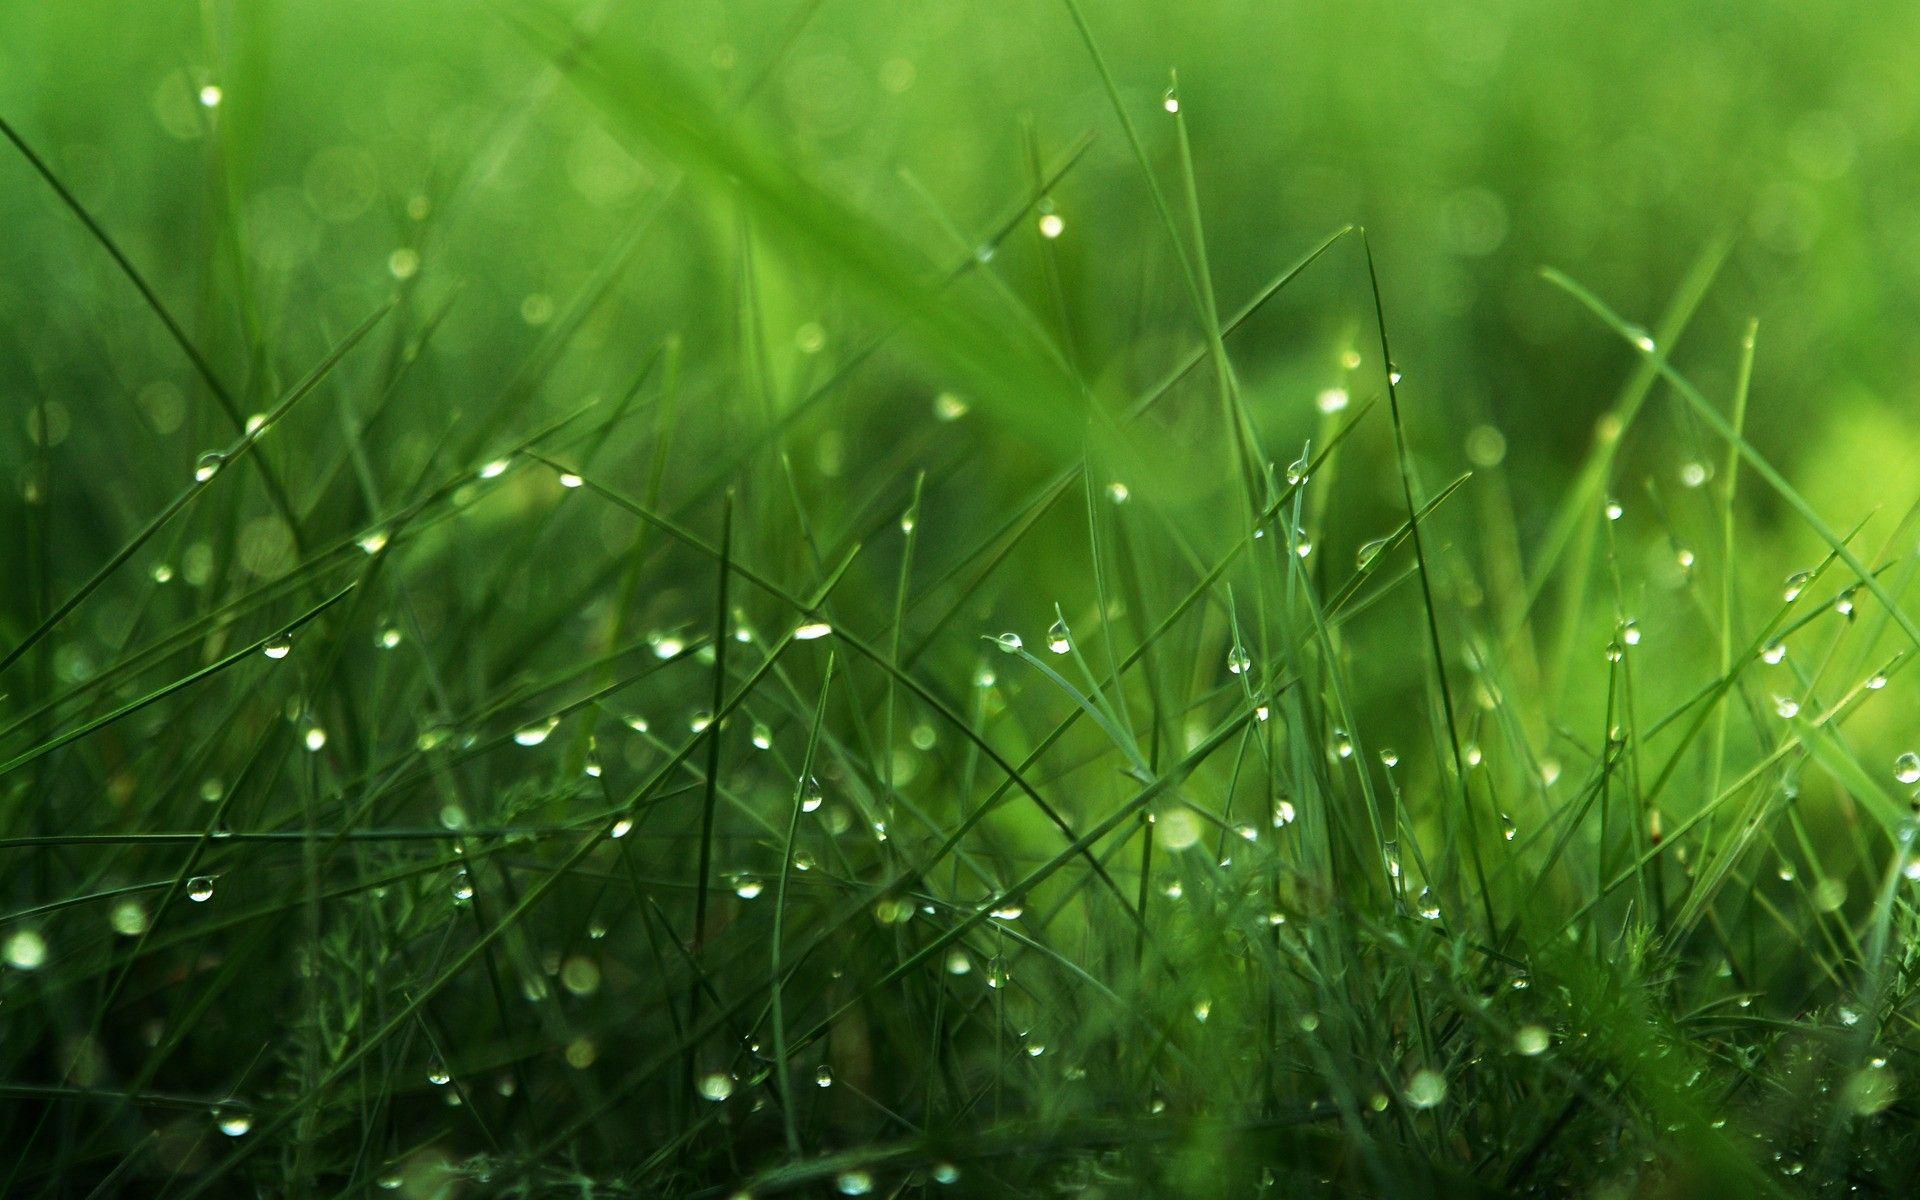 dewy grass Grass wallpaper, Green nature wallpaper